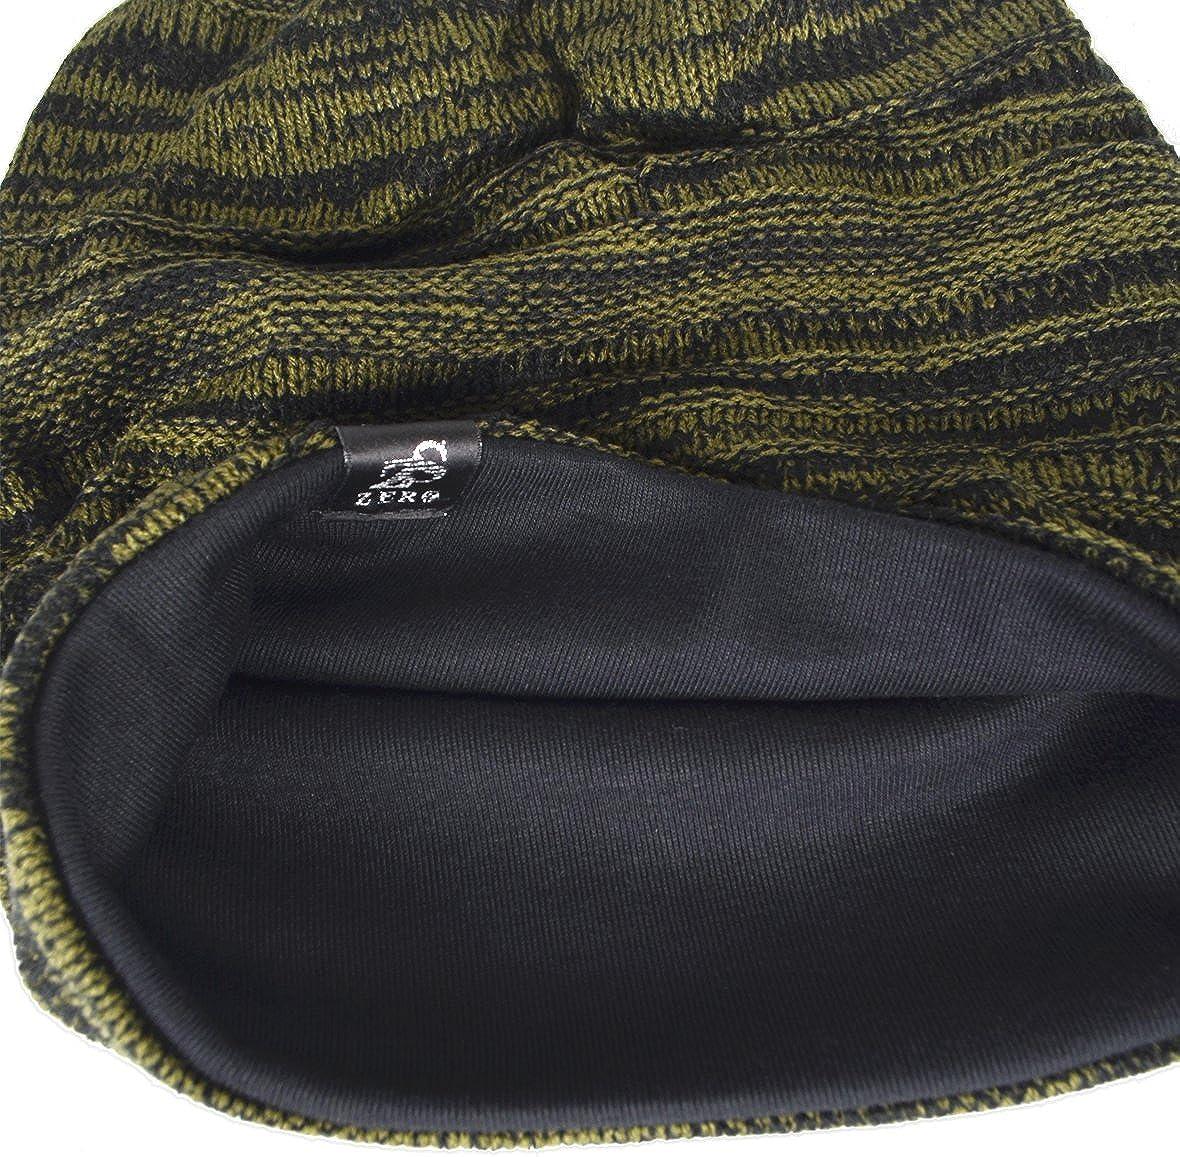 HISSHE Uomo Knit Beanie Slouch Baggy Calotta depoca lungo Hip-Hop cappello di inverno